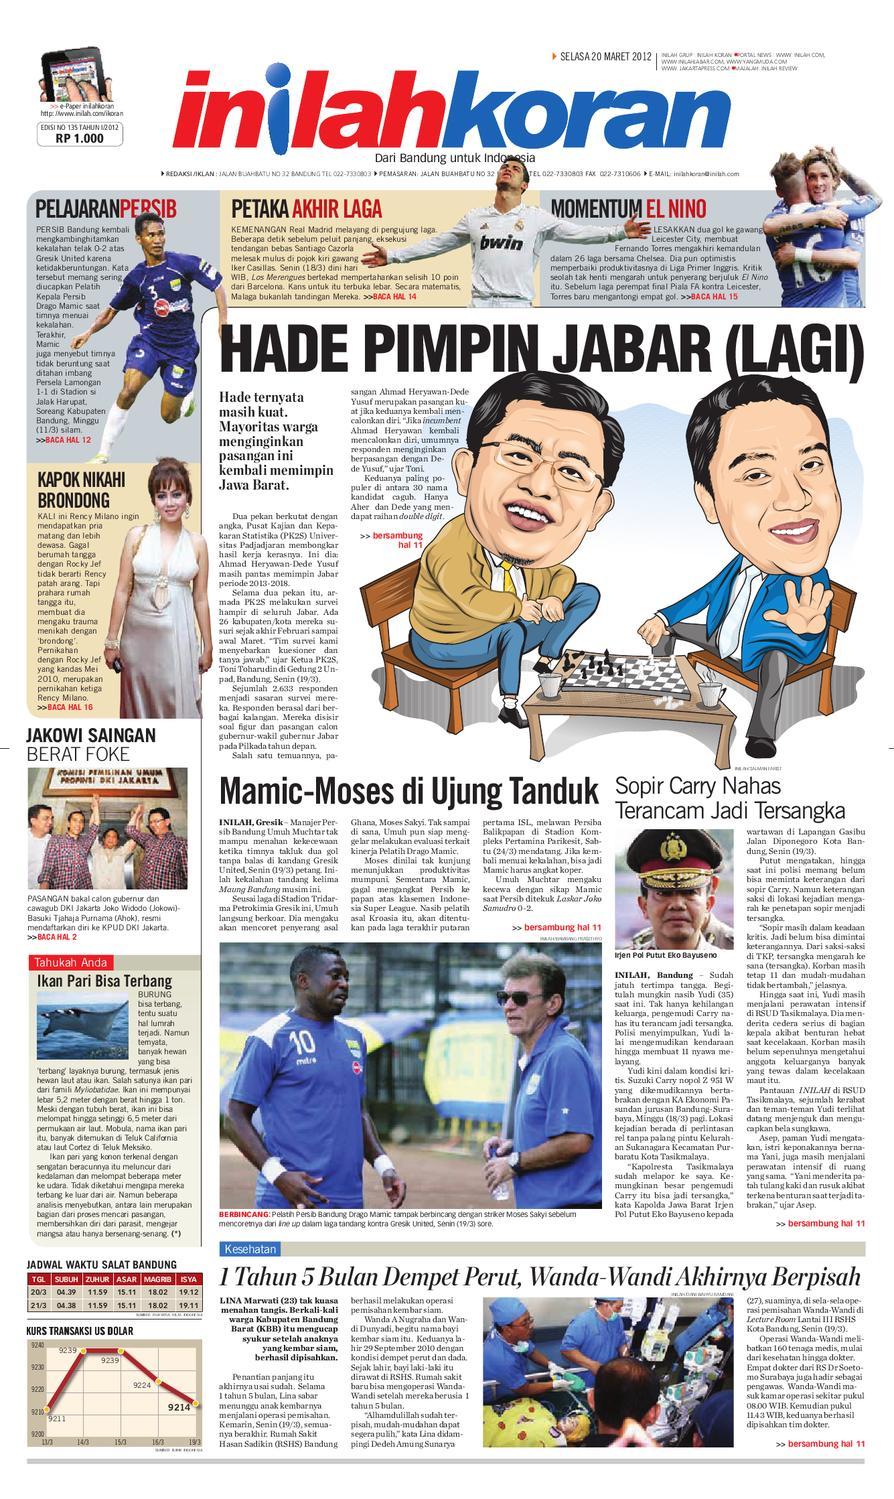 HADE PIMPIN JABAR LAGI By Inilah Koran Issuu